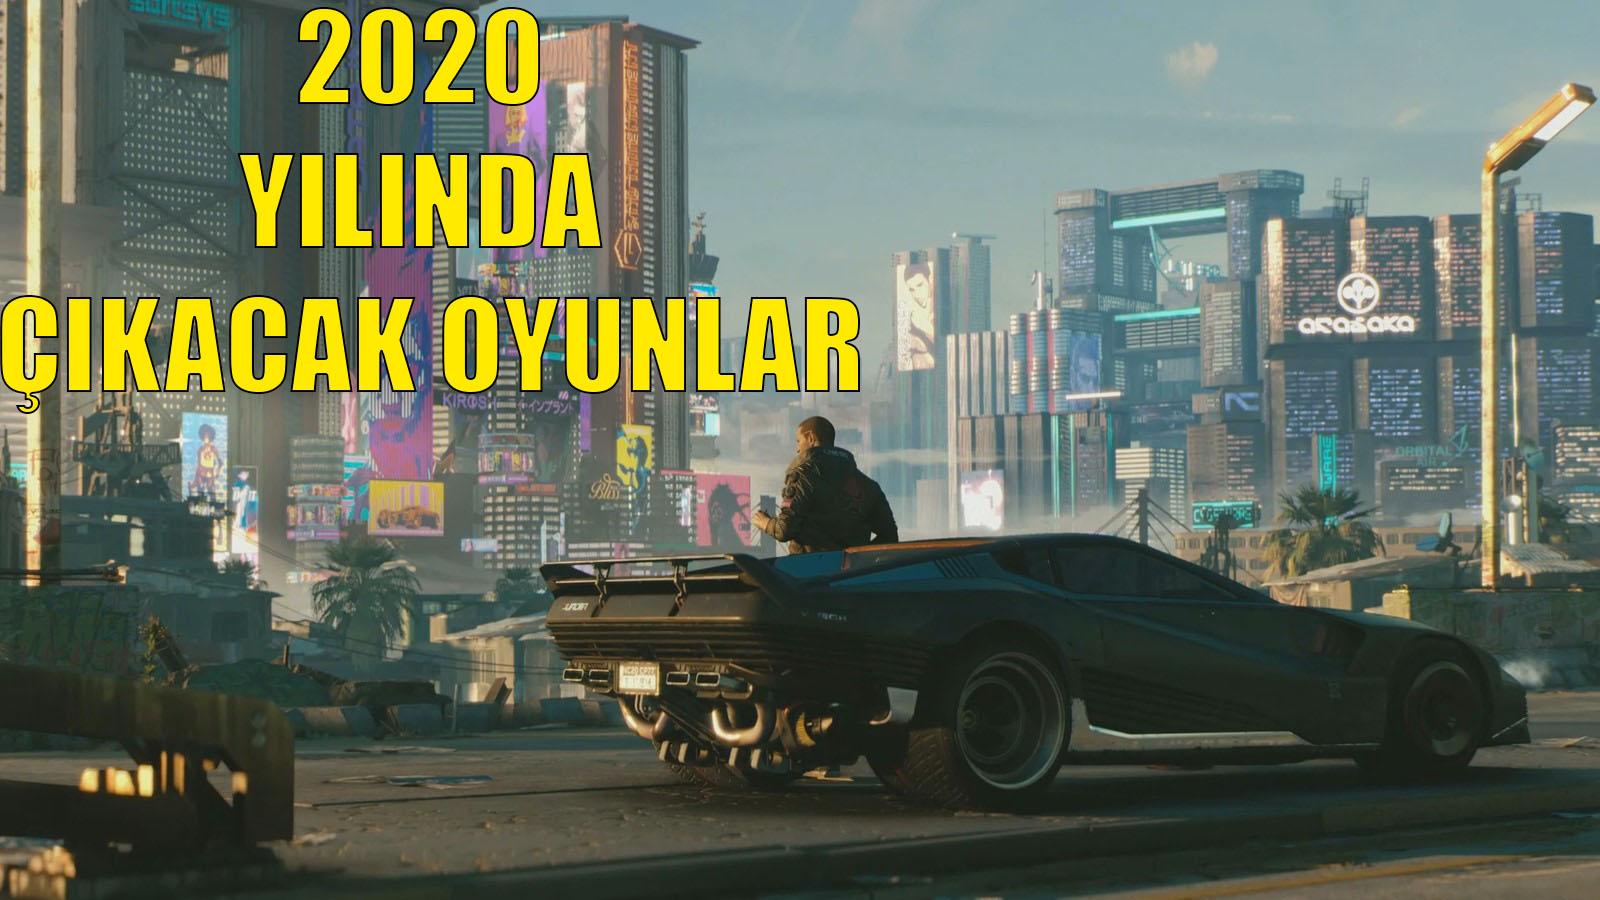 2020-yilinda-cikacak-oyunlar